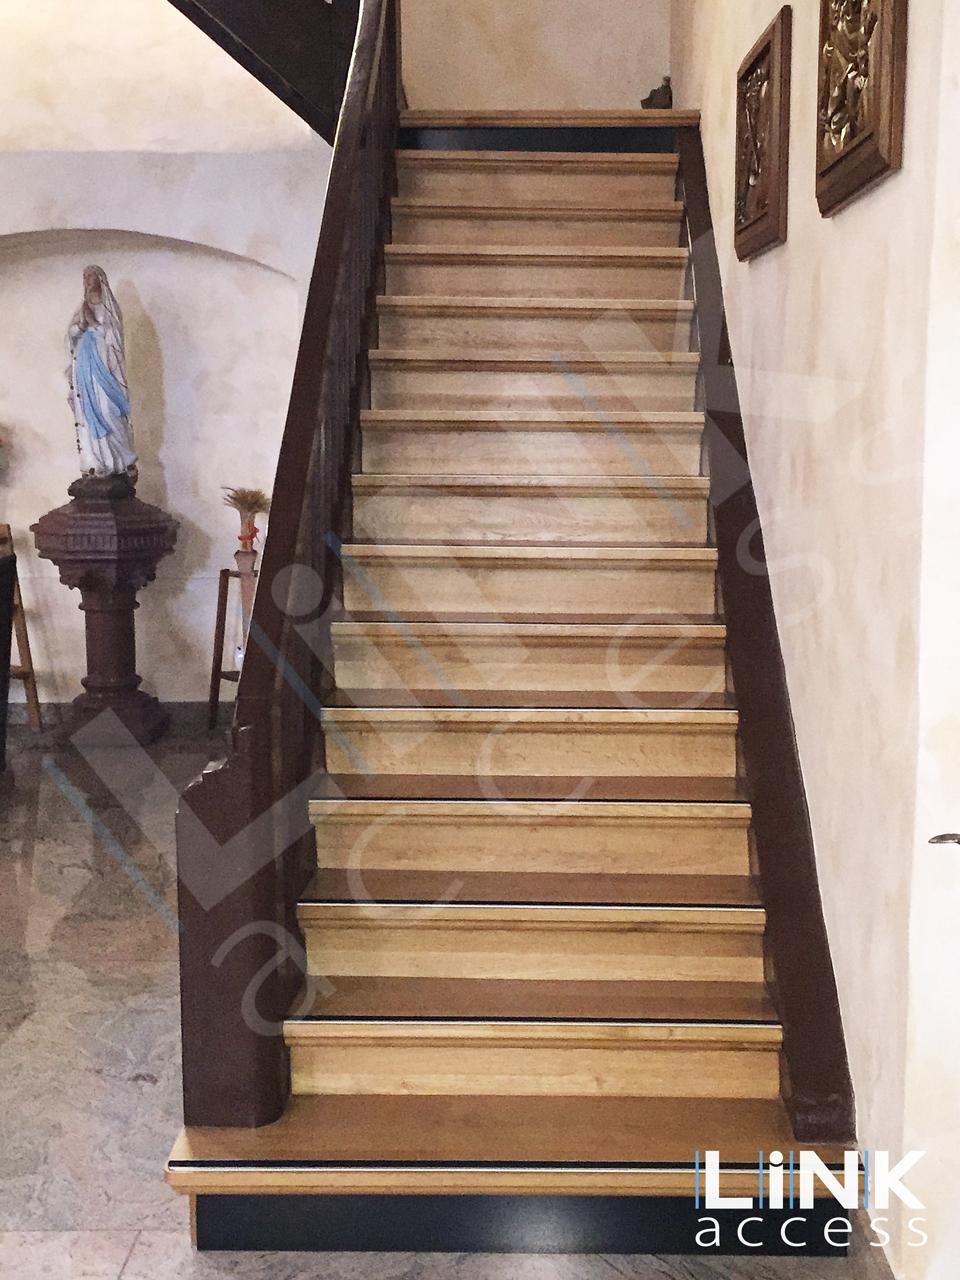 Escalier en bois avec ses contremarches contrastées aux normes.